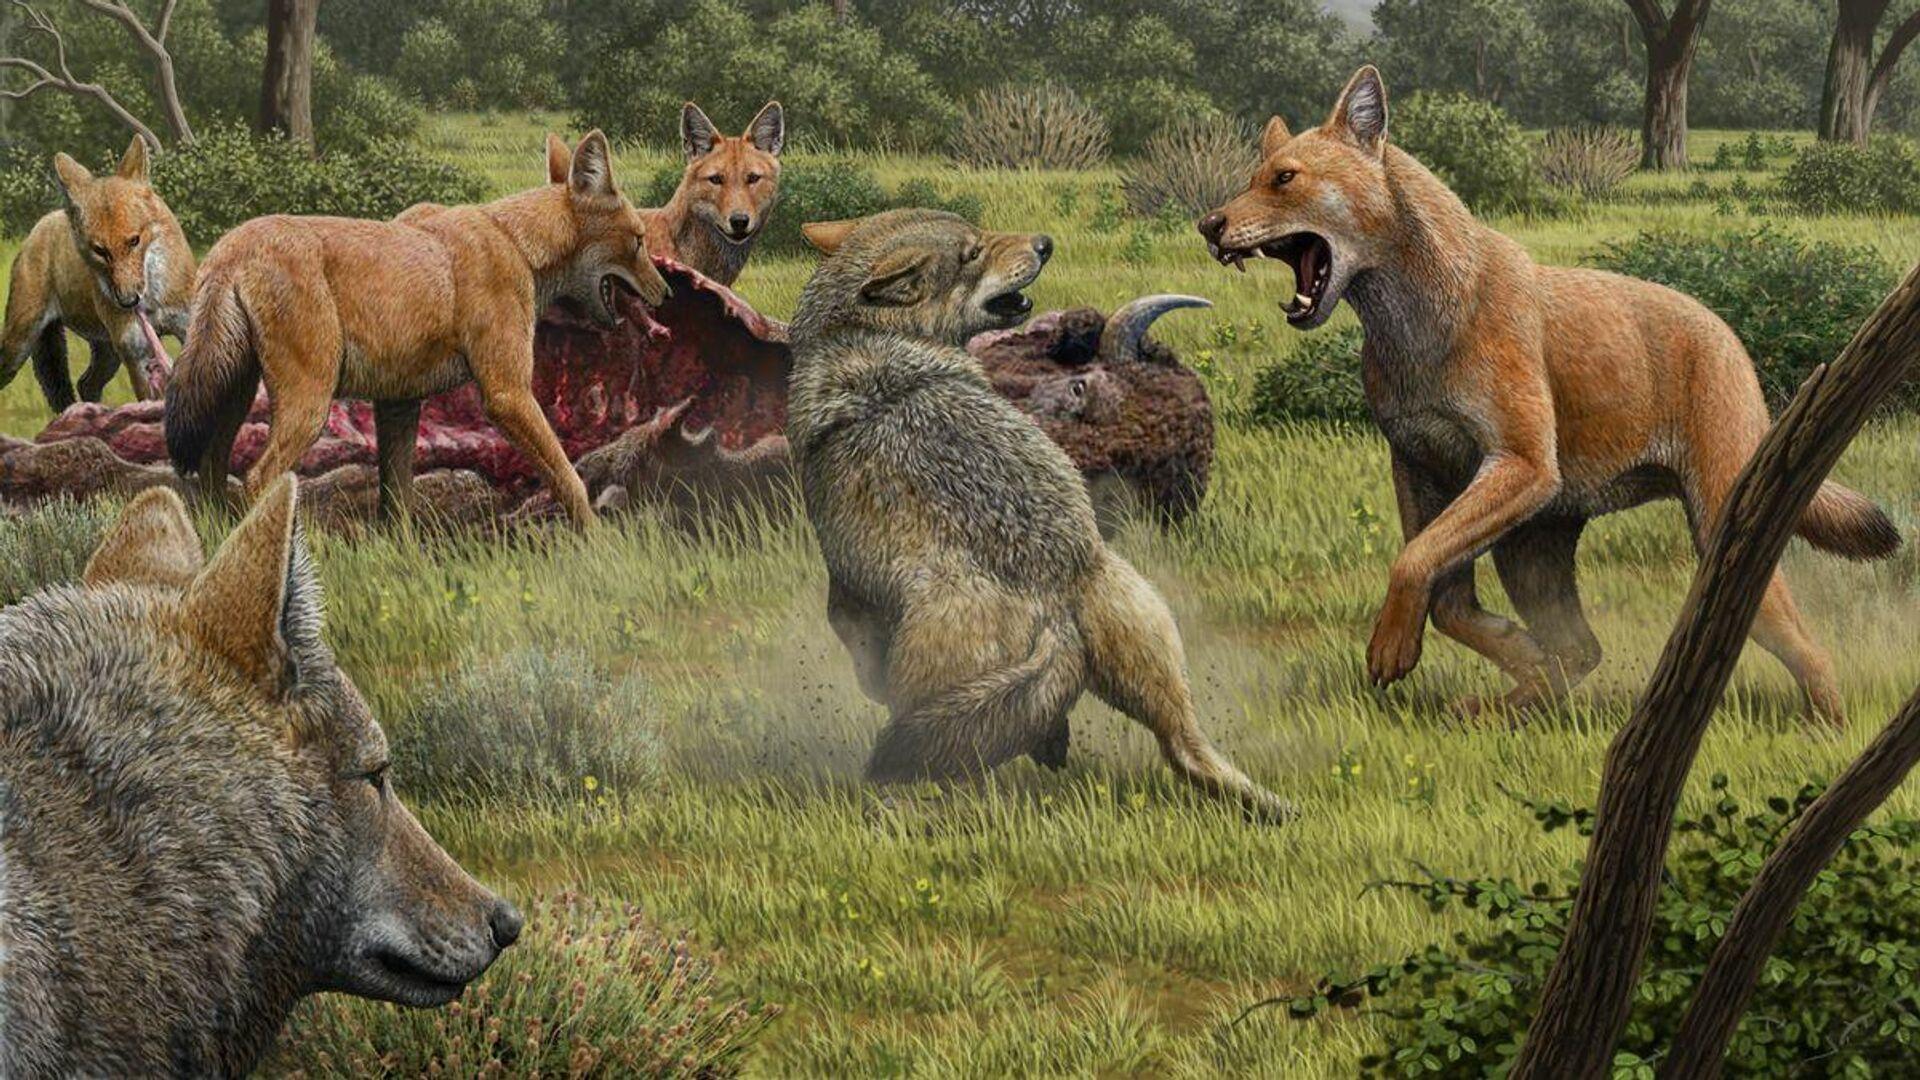 Так в представлении художника выглядели ужасные волки, отгоняющие серых волков от туши бизона - РИА Новости, 1920, 13.01.2021